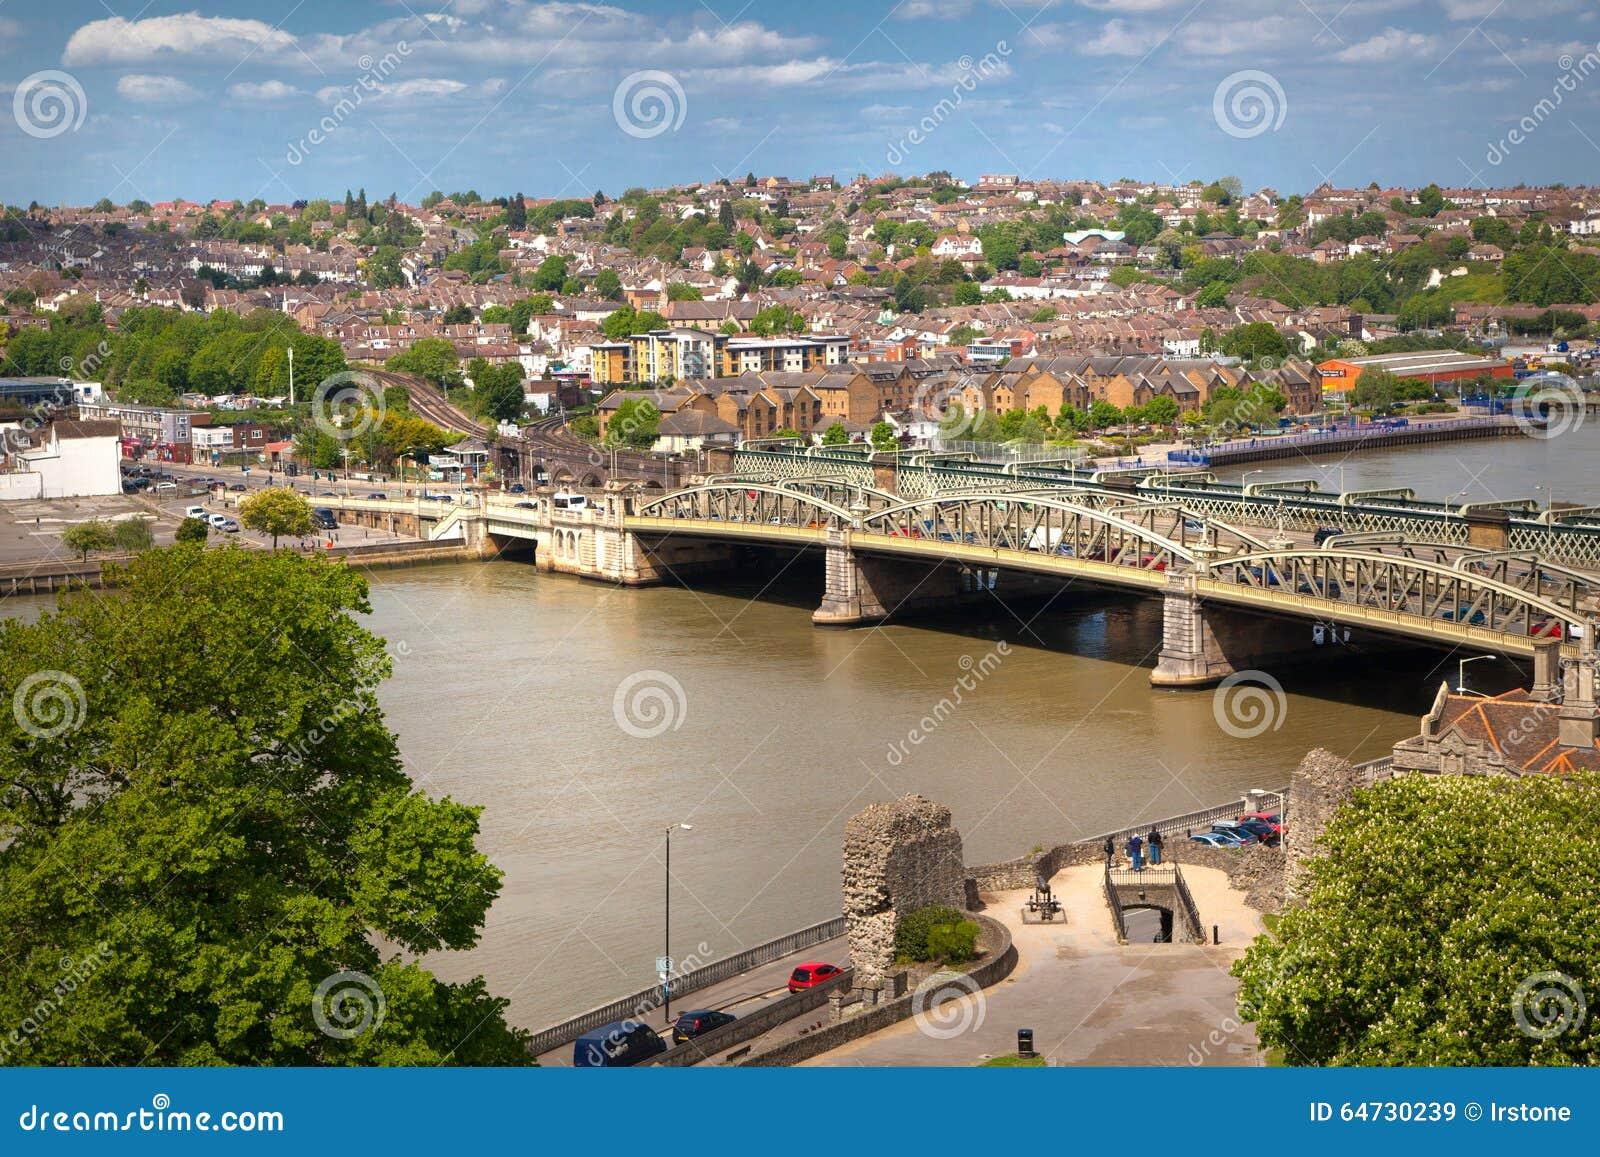 Ландшафт вокруг города Rochester включает реку Кент и яхт-клуб